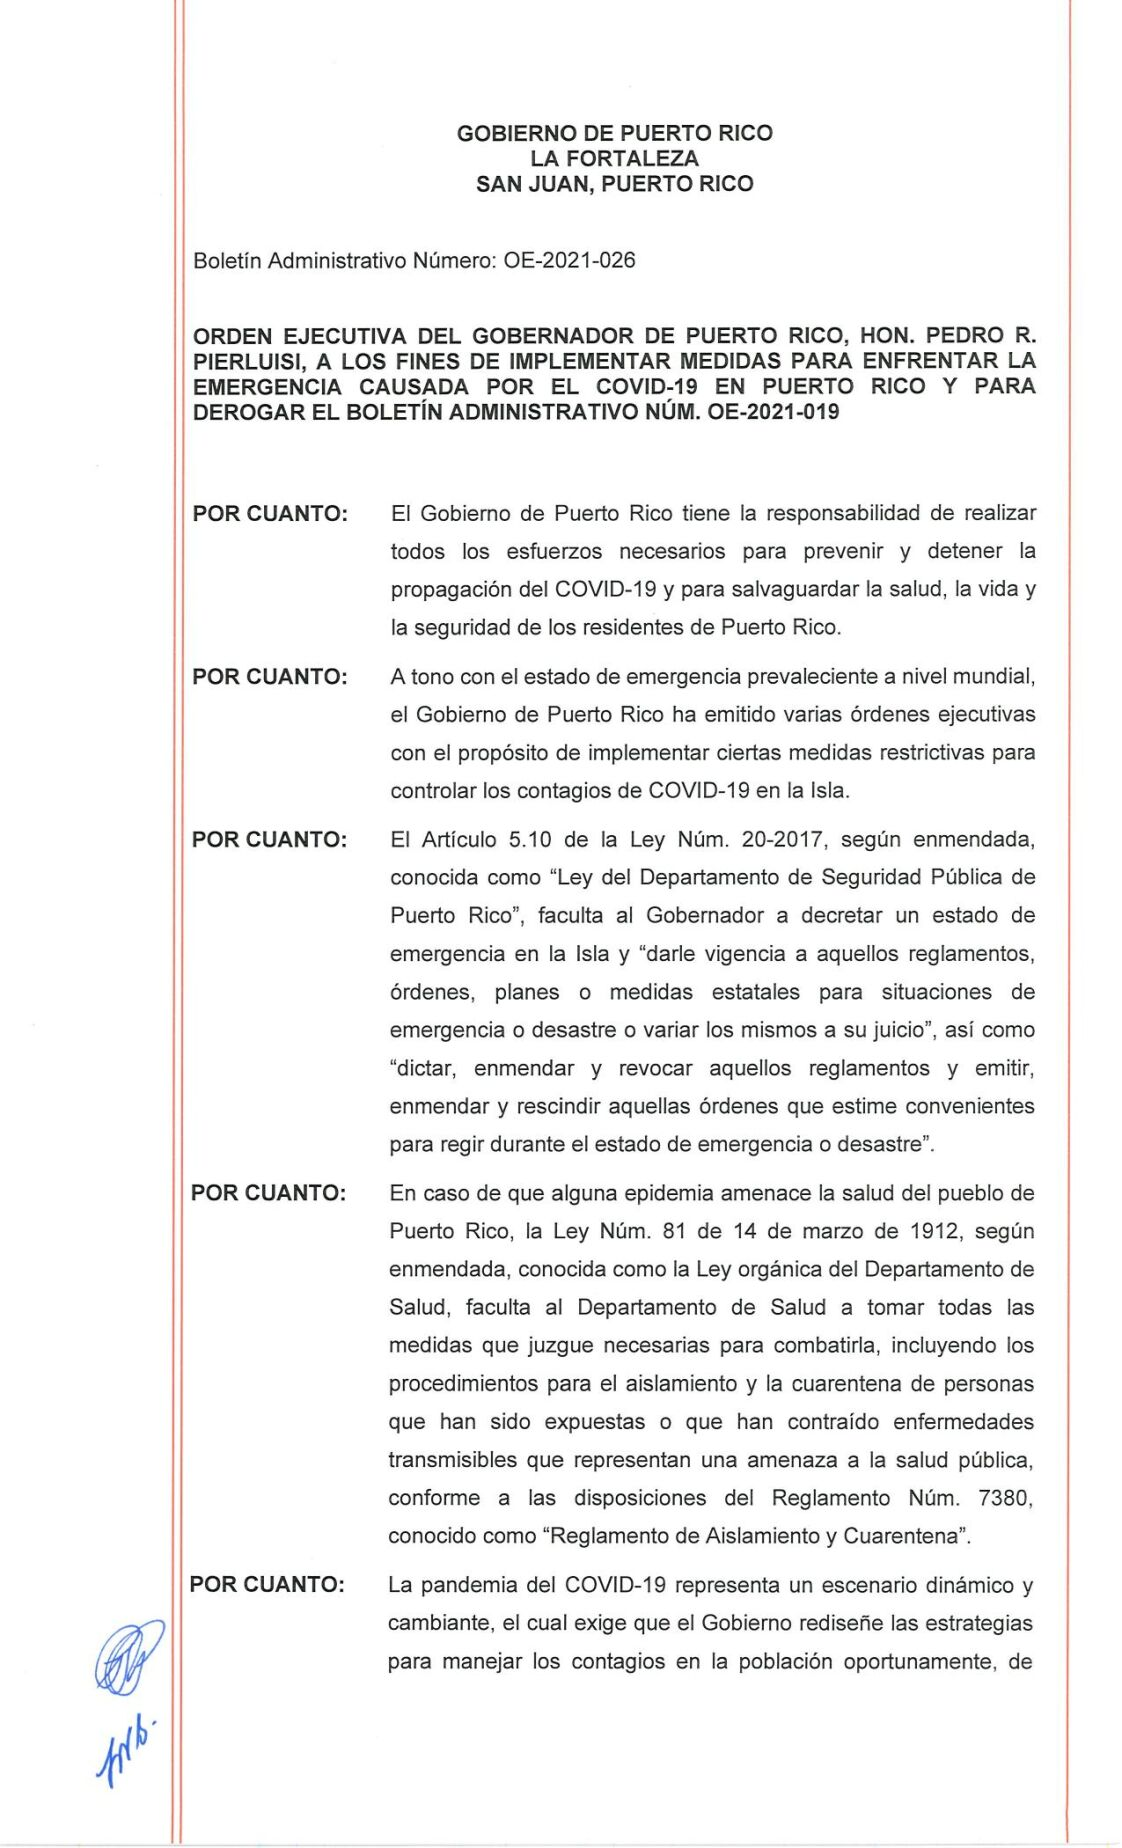 Nueva orden ejecutiva contra el covid-19